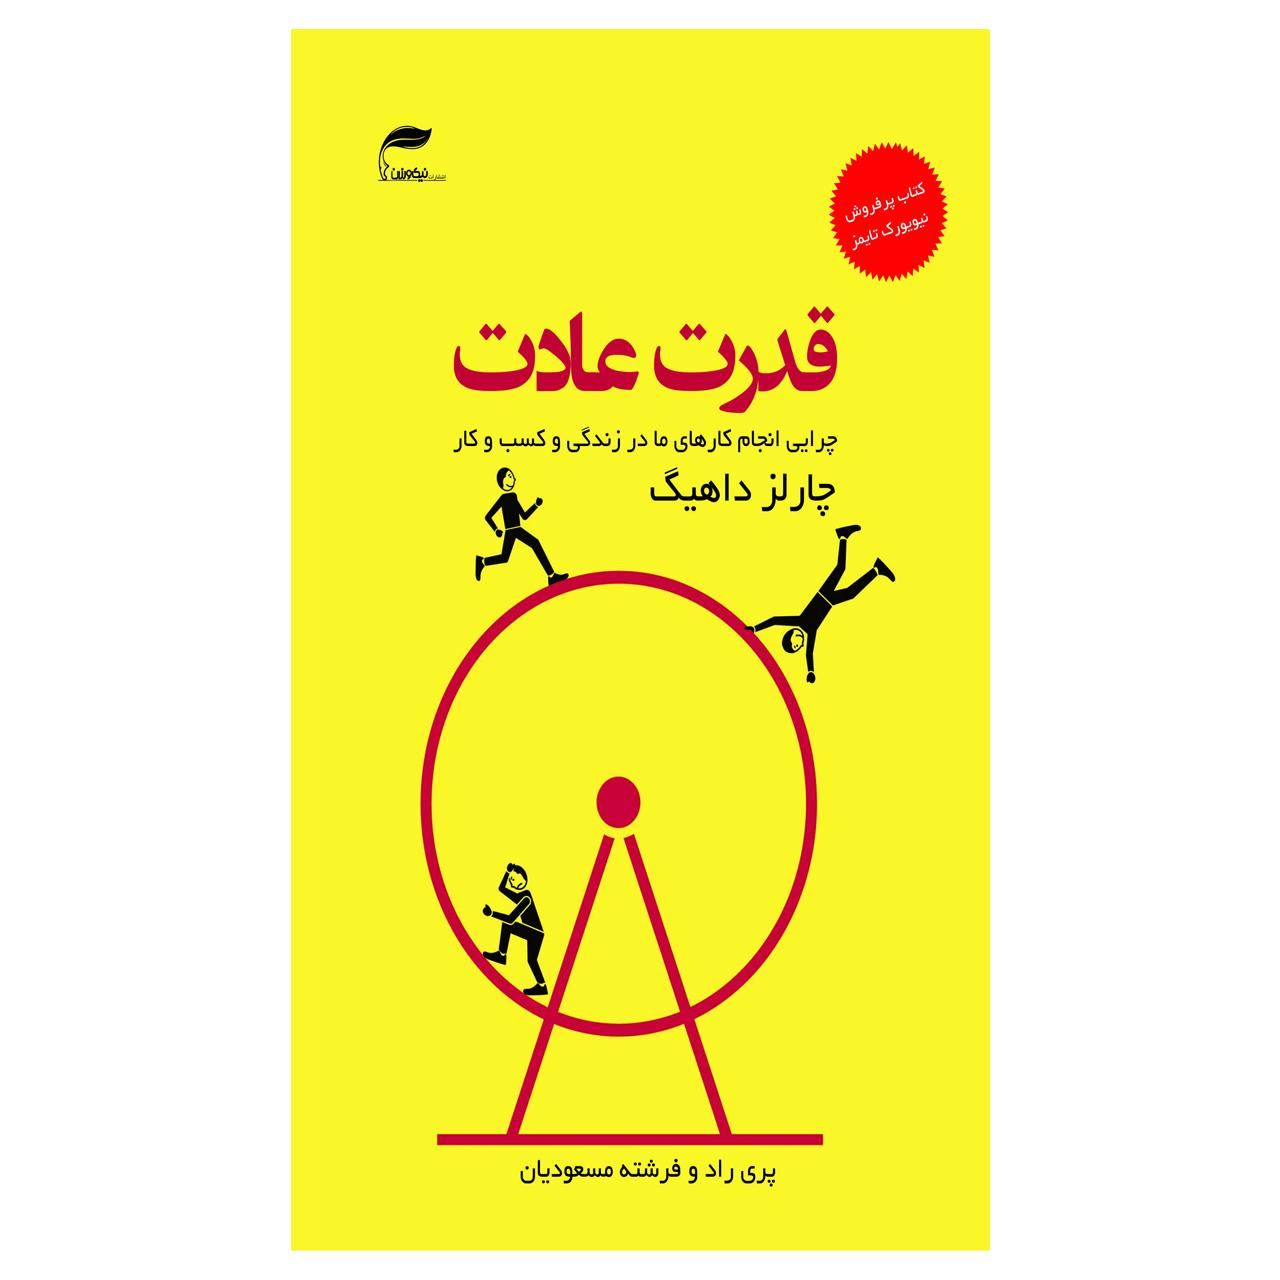 کتاب قدرت عادت اثر چارلز داهیگ انتشارات نیک ورزان